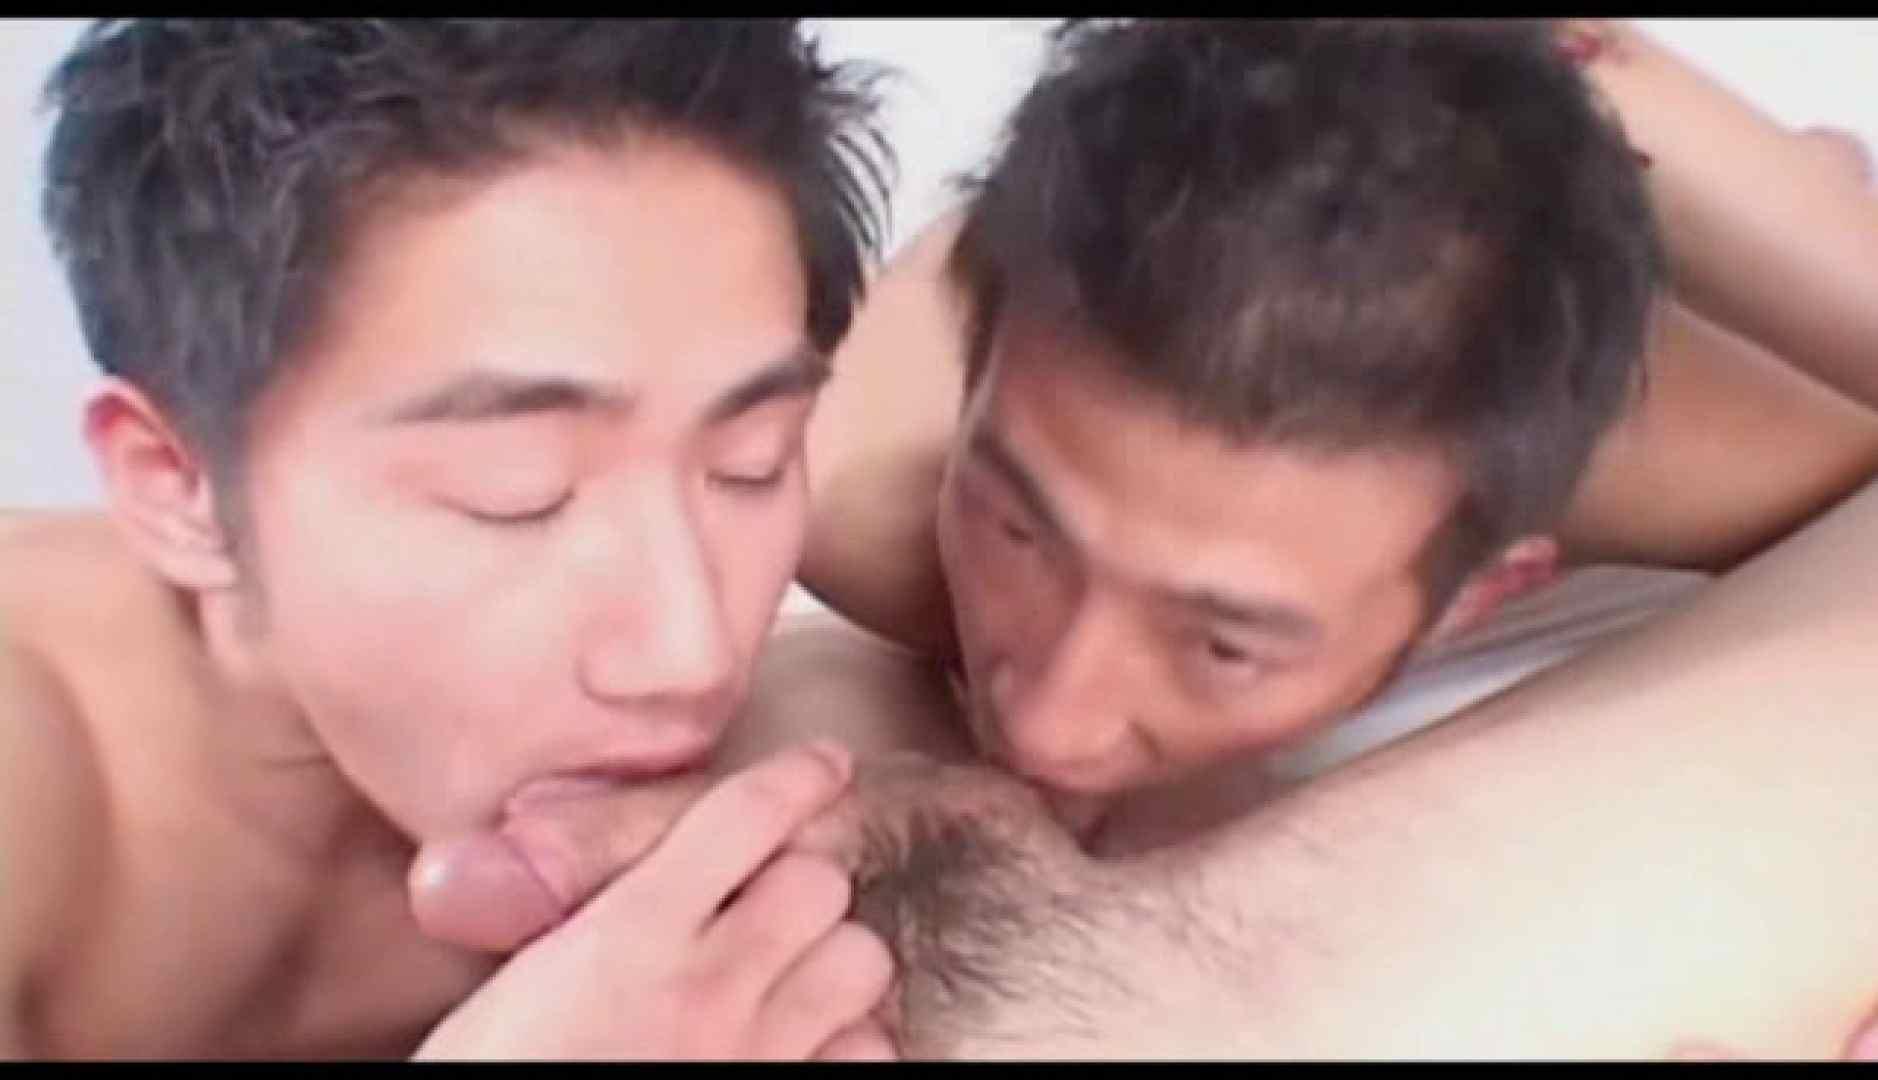 イケメンダブルス!Vol.06 フェラシーン ゲイえろ動画紹介 62画像 58